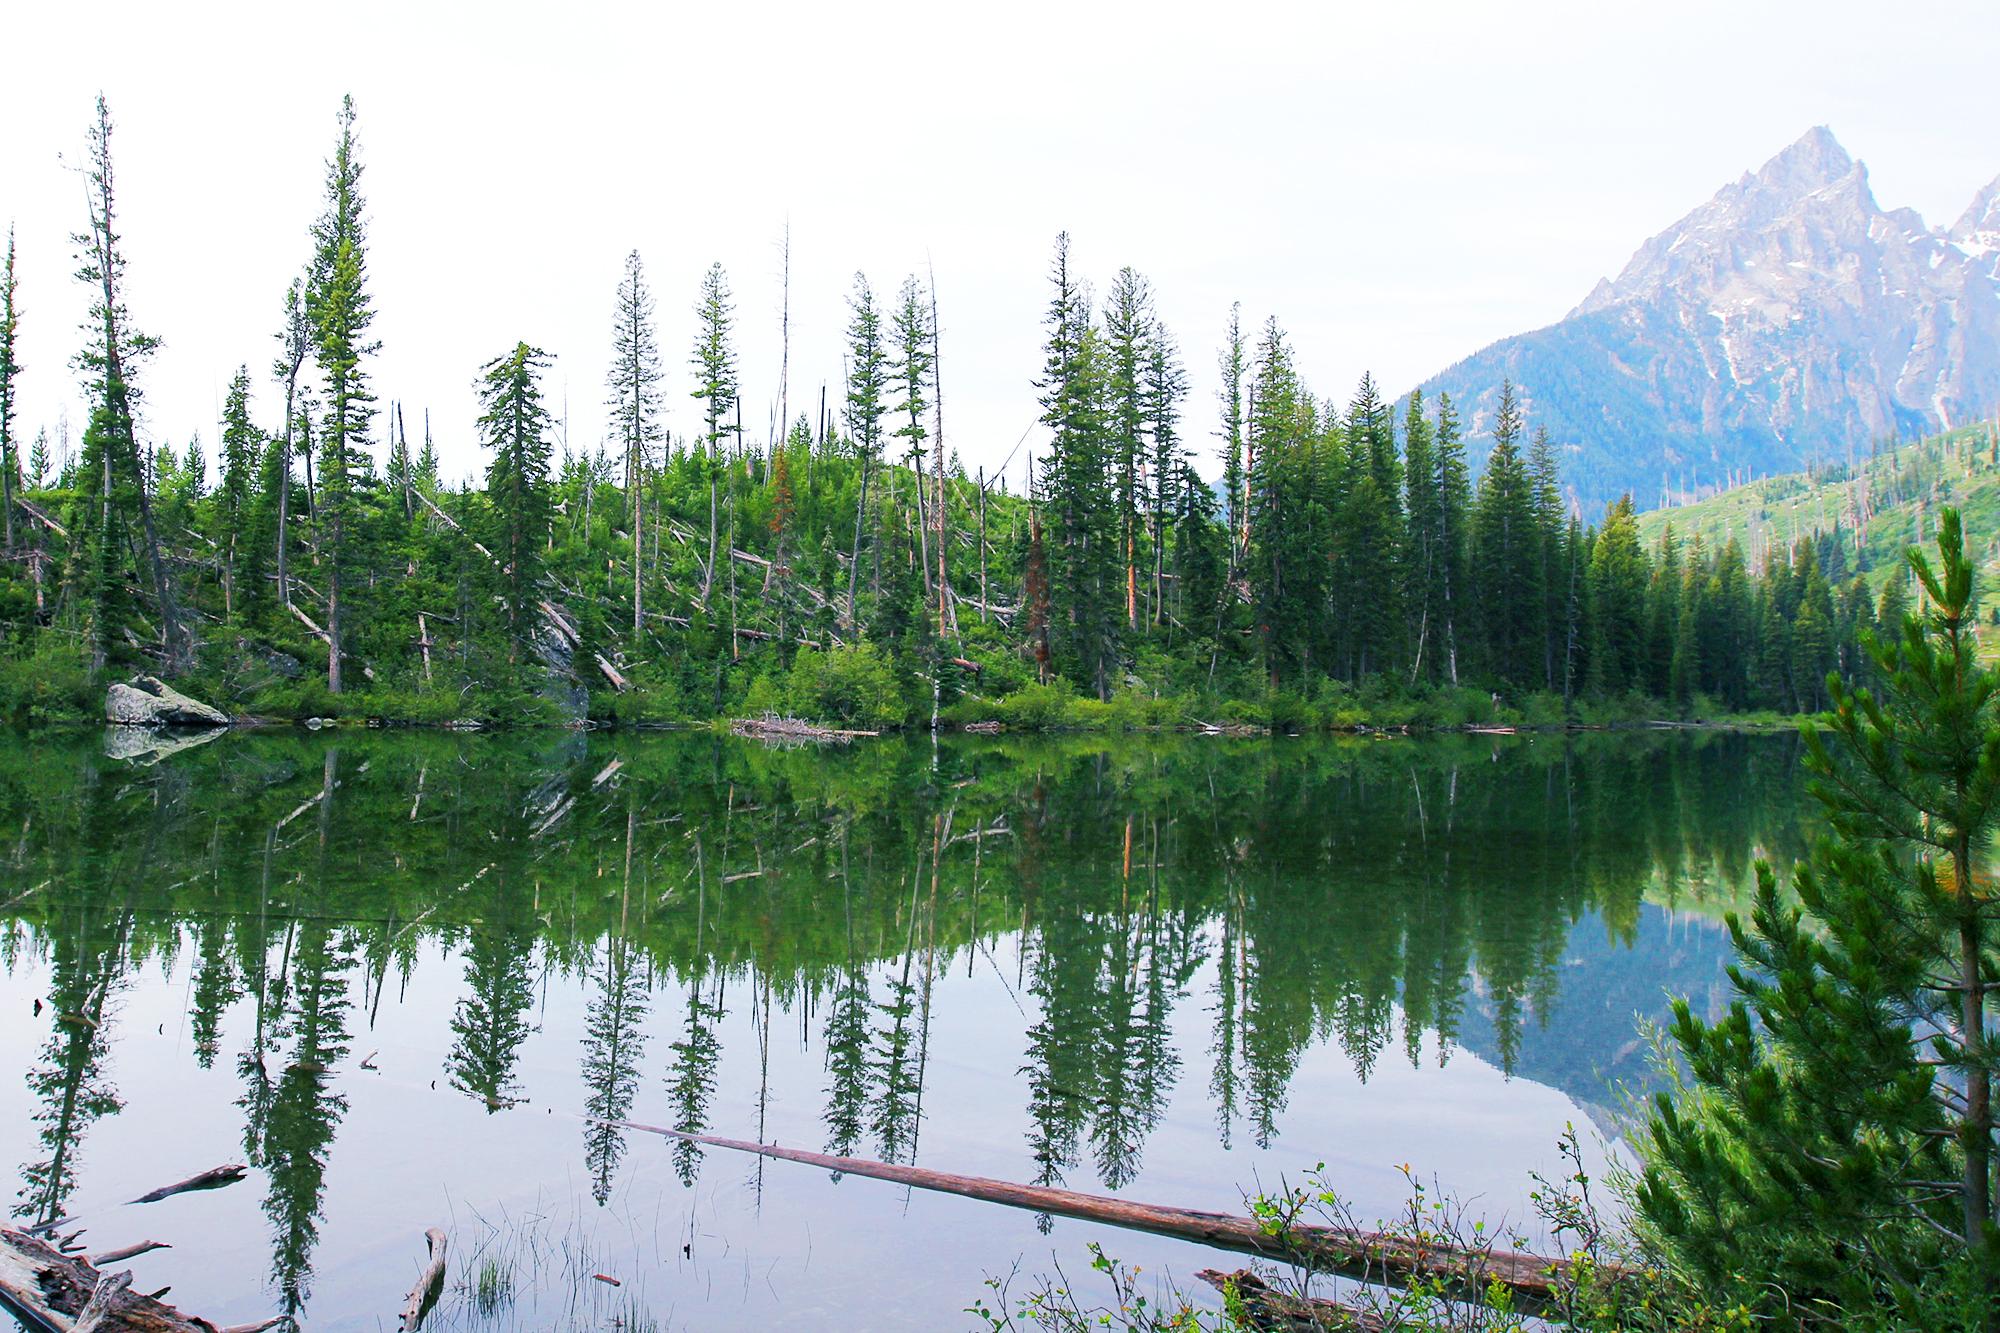 jo-torrijos-states-of-reverie-grand-teton-national-park-string-lake-hike-4.jpg